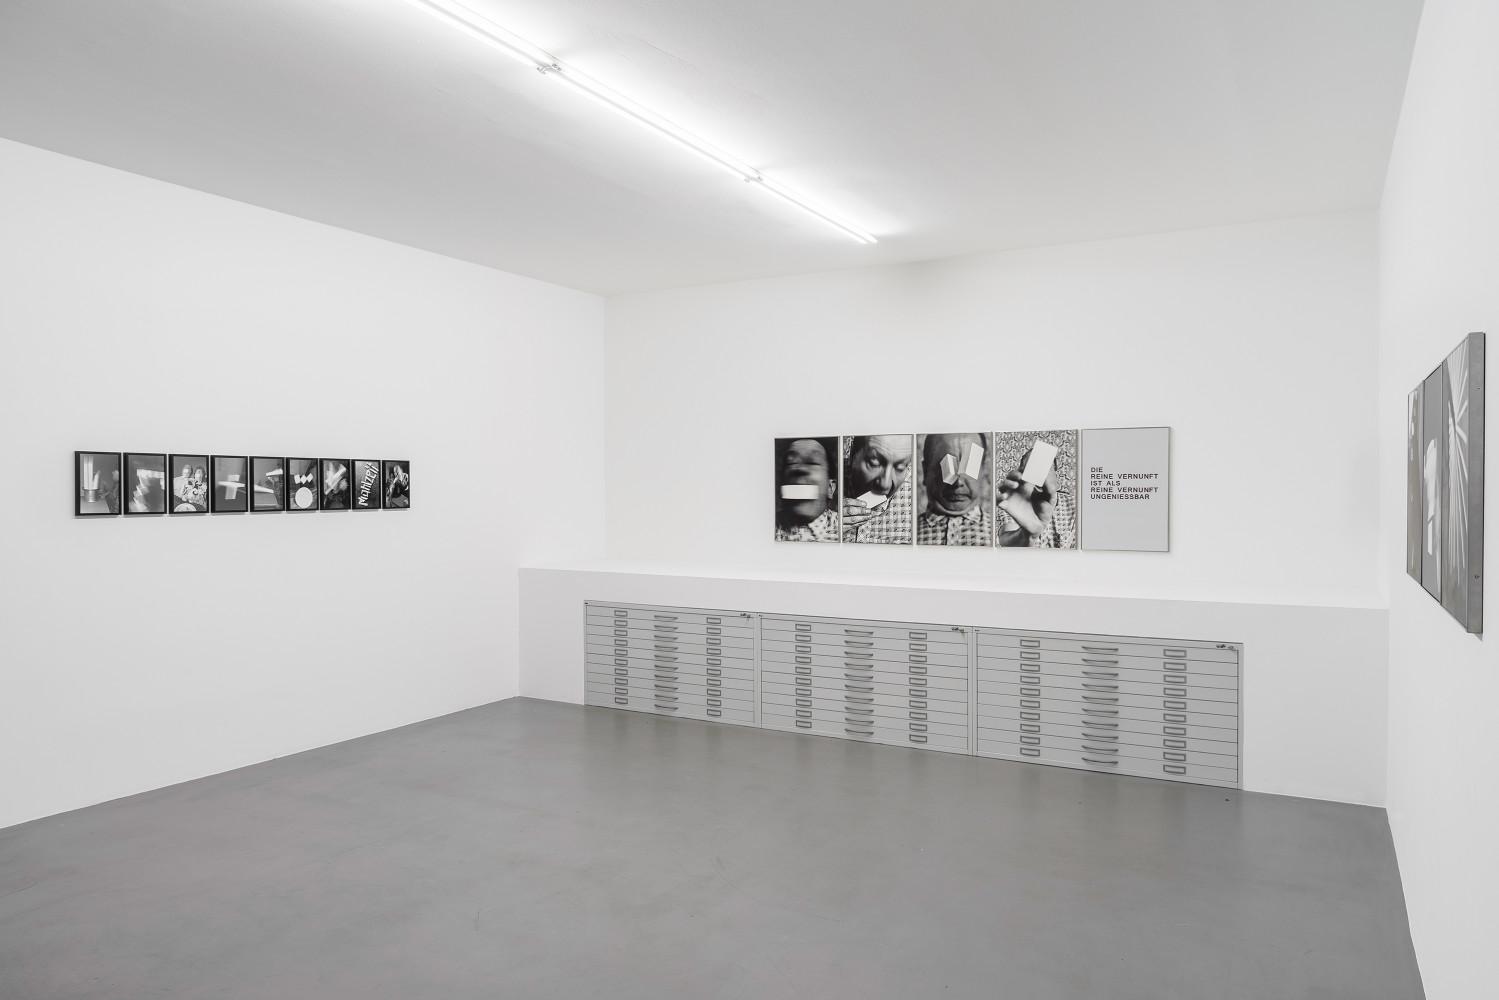 Anna & Bernhard Blume, Installation view, Buchmann Box, 2016–2017